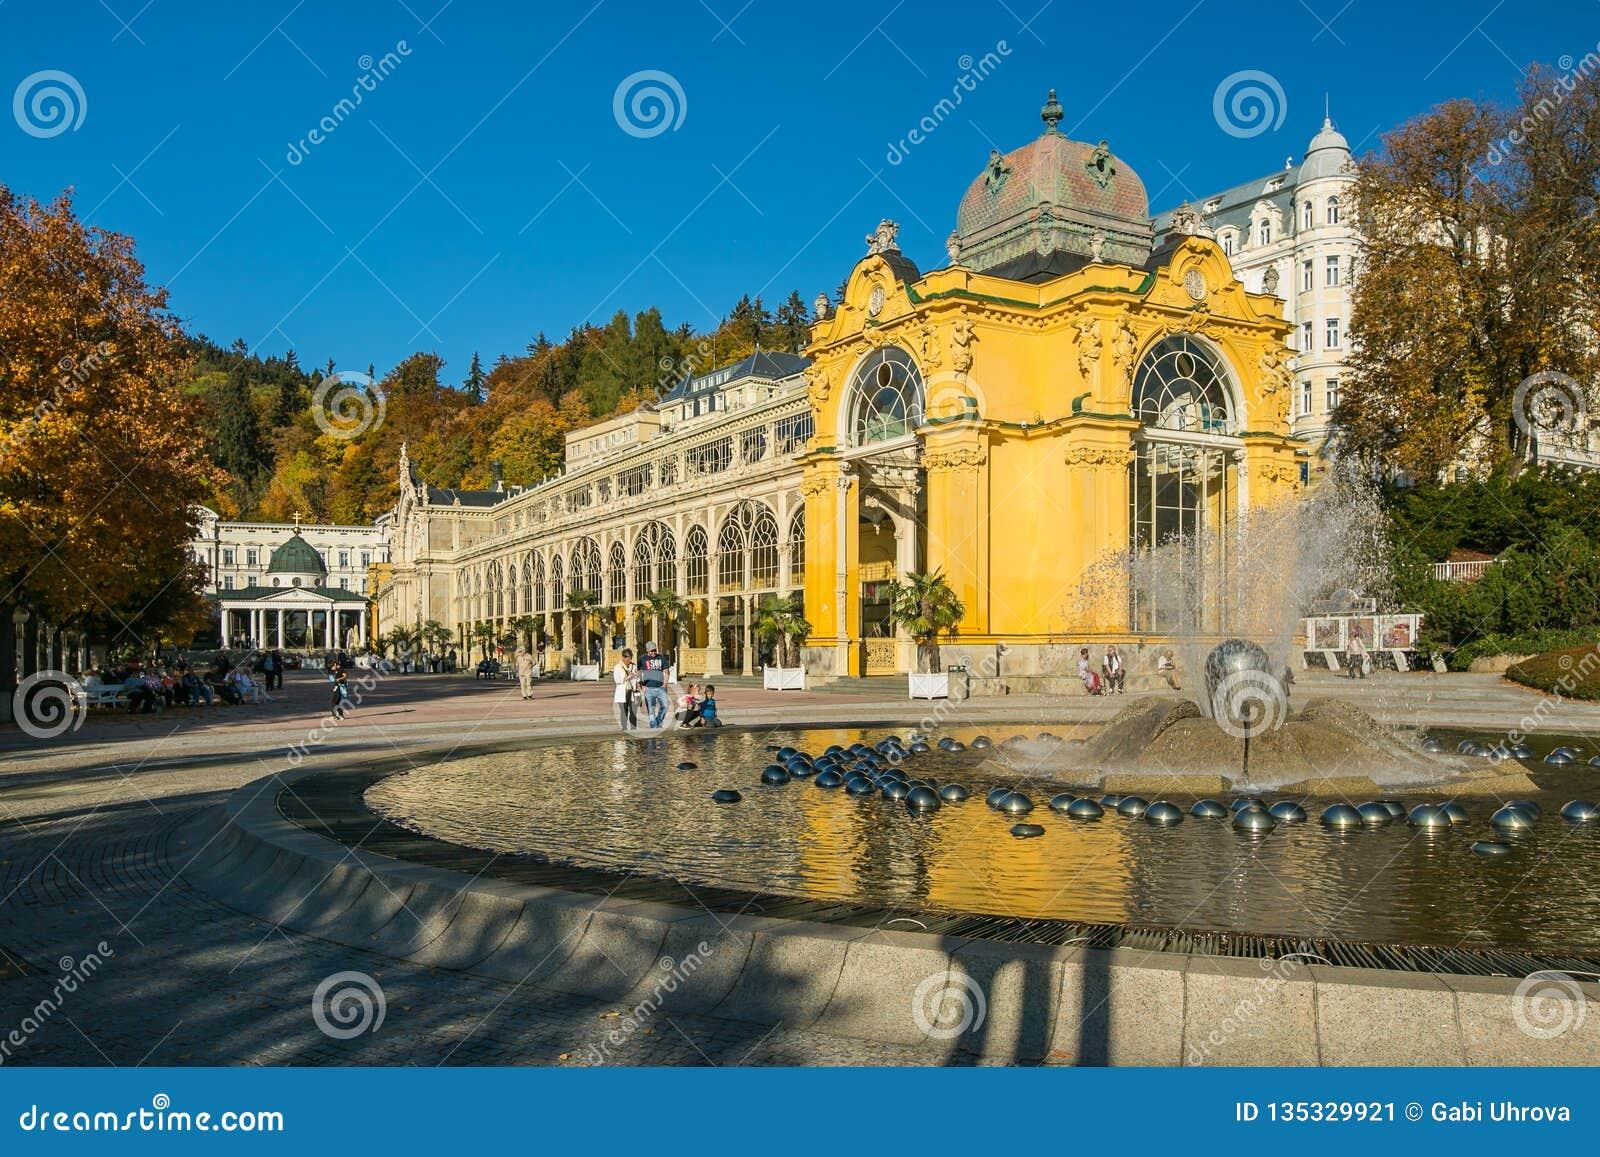 Marienbad, repubblica Ceca: Colonnato fatta di ghisa e della fontana con gli spruzzatori